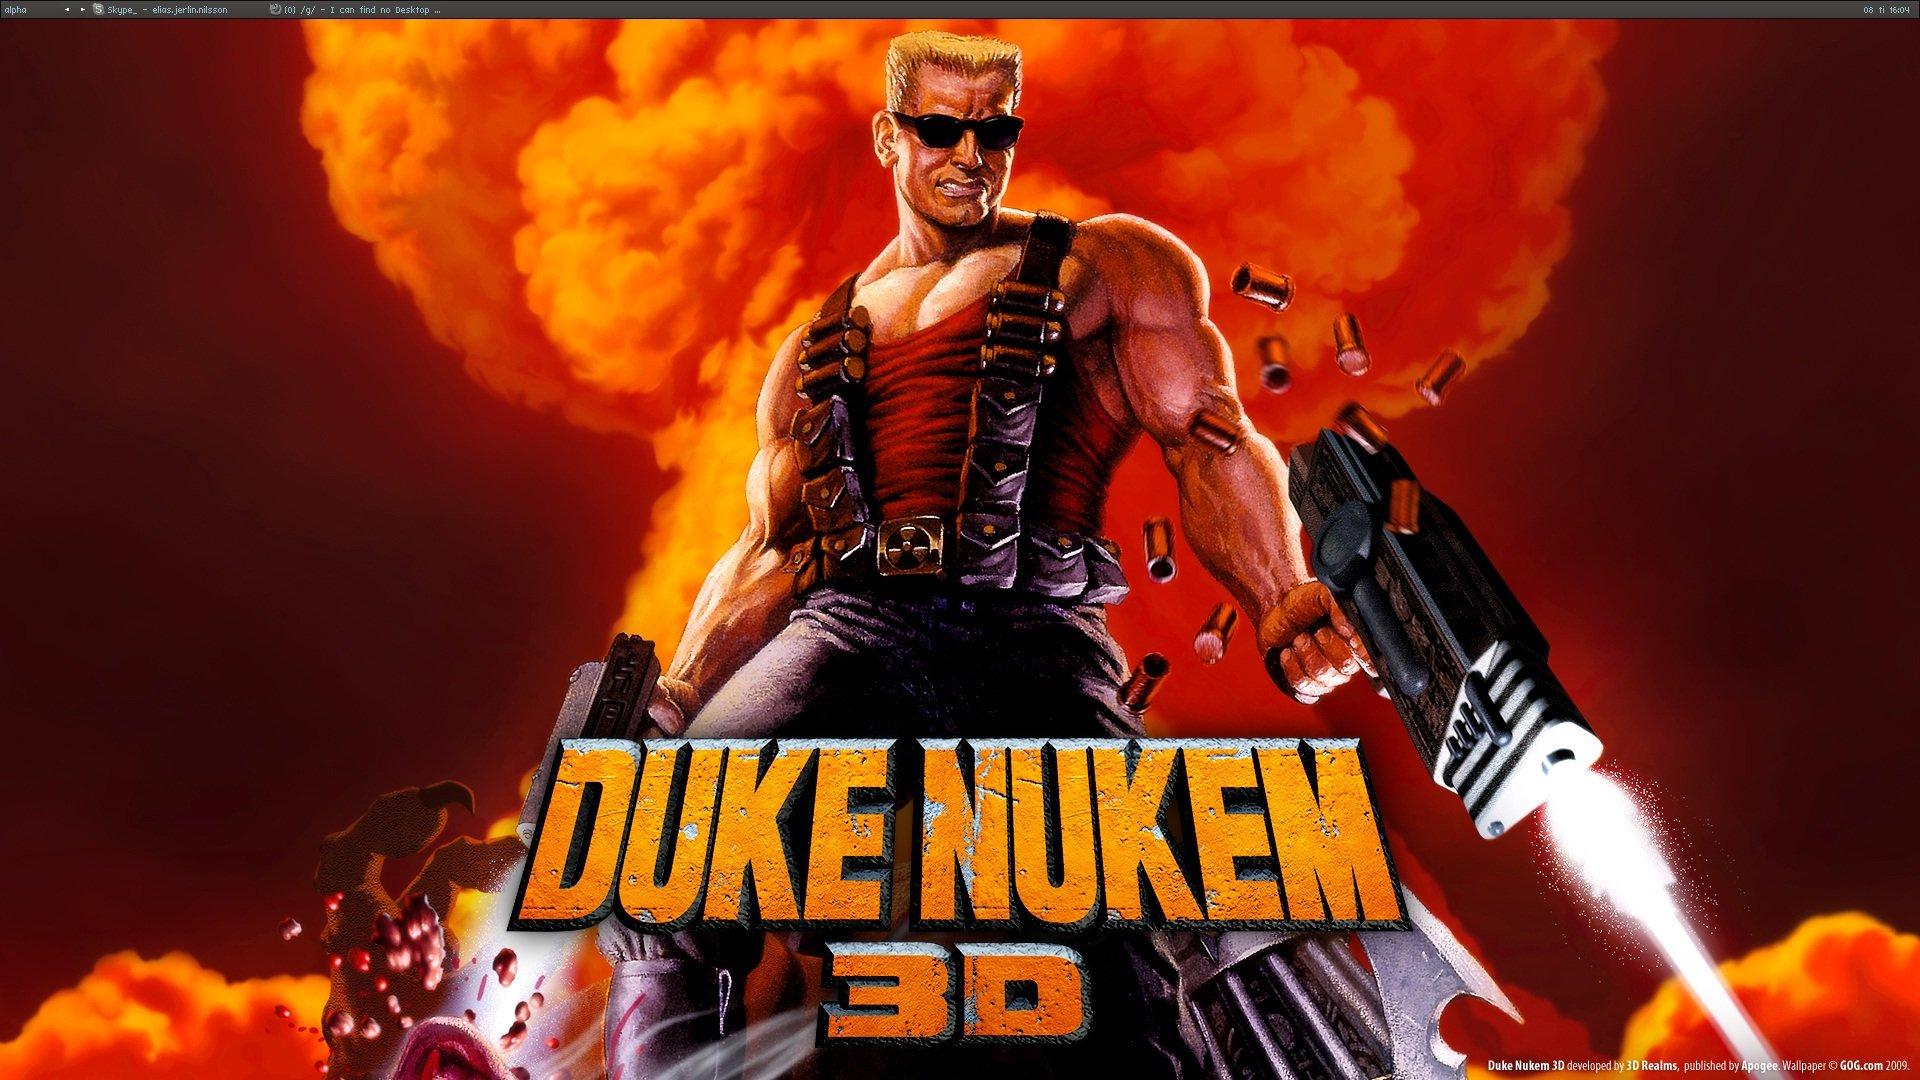 Duke Nukem 3D Computer Wallpapers Desktop Backgrounds 1920x1080 1920x1080